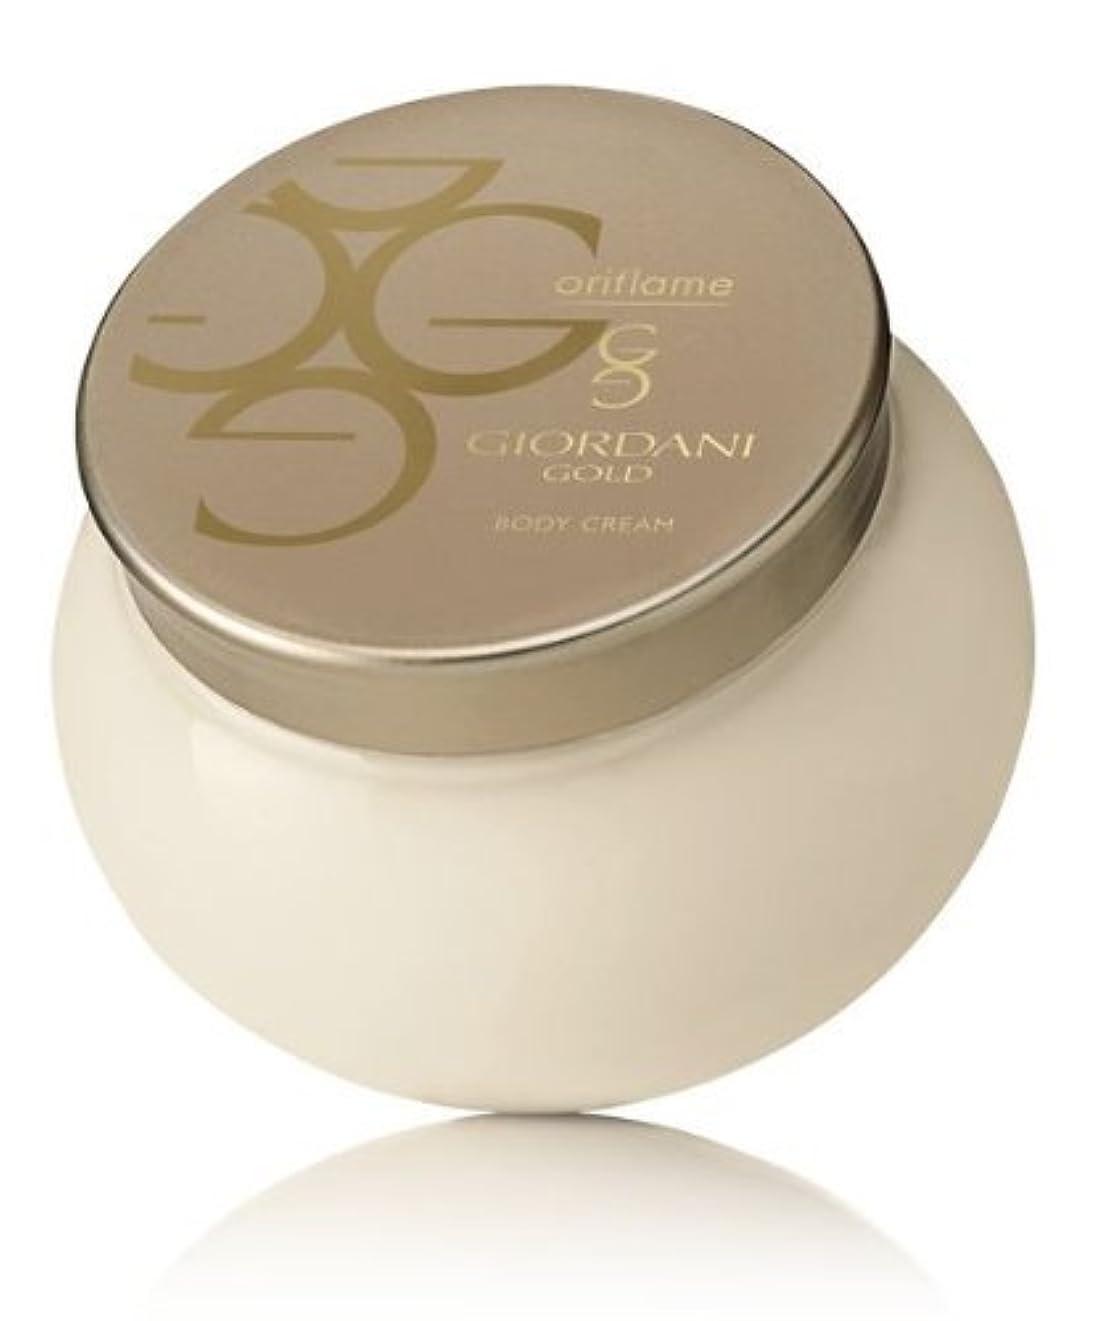 不倫契約した印象的なGiordani Gold Body Cream by Oriflame